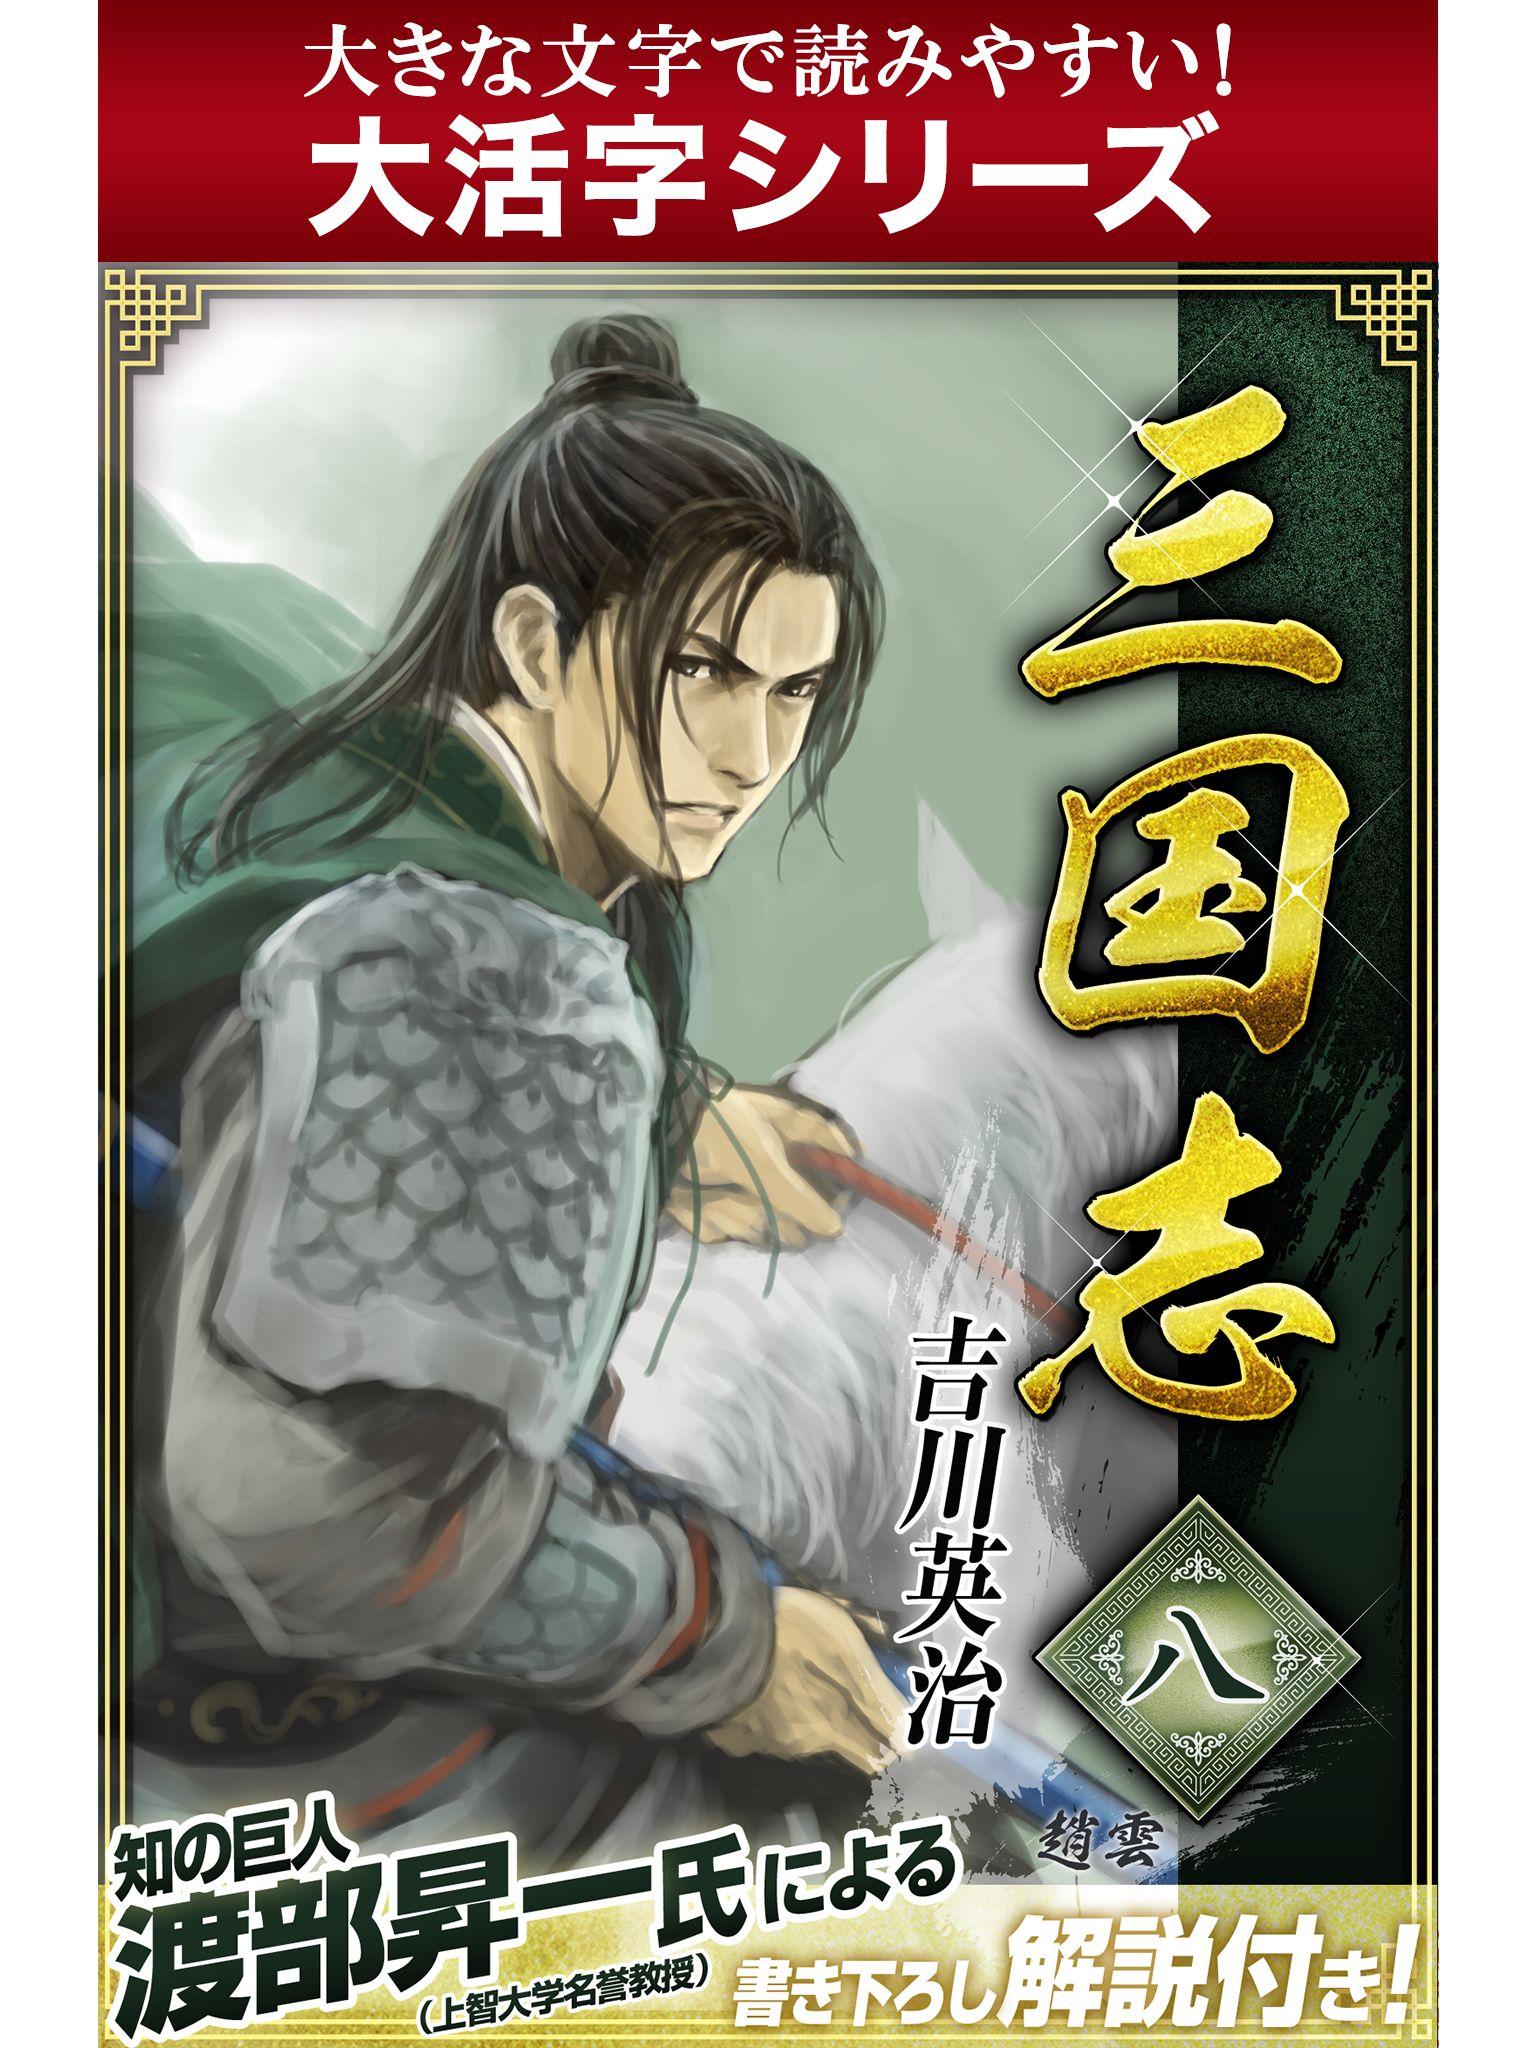 【大活字シリーズ】三国志 8巻